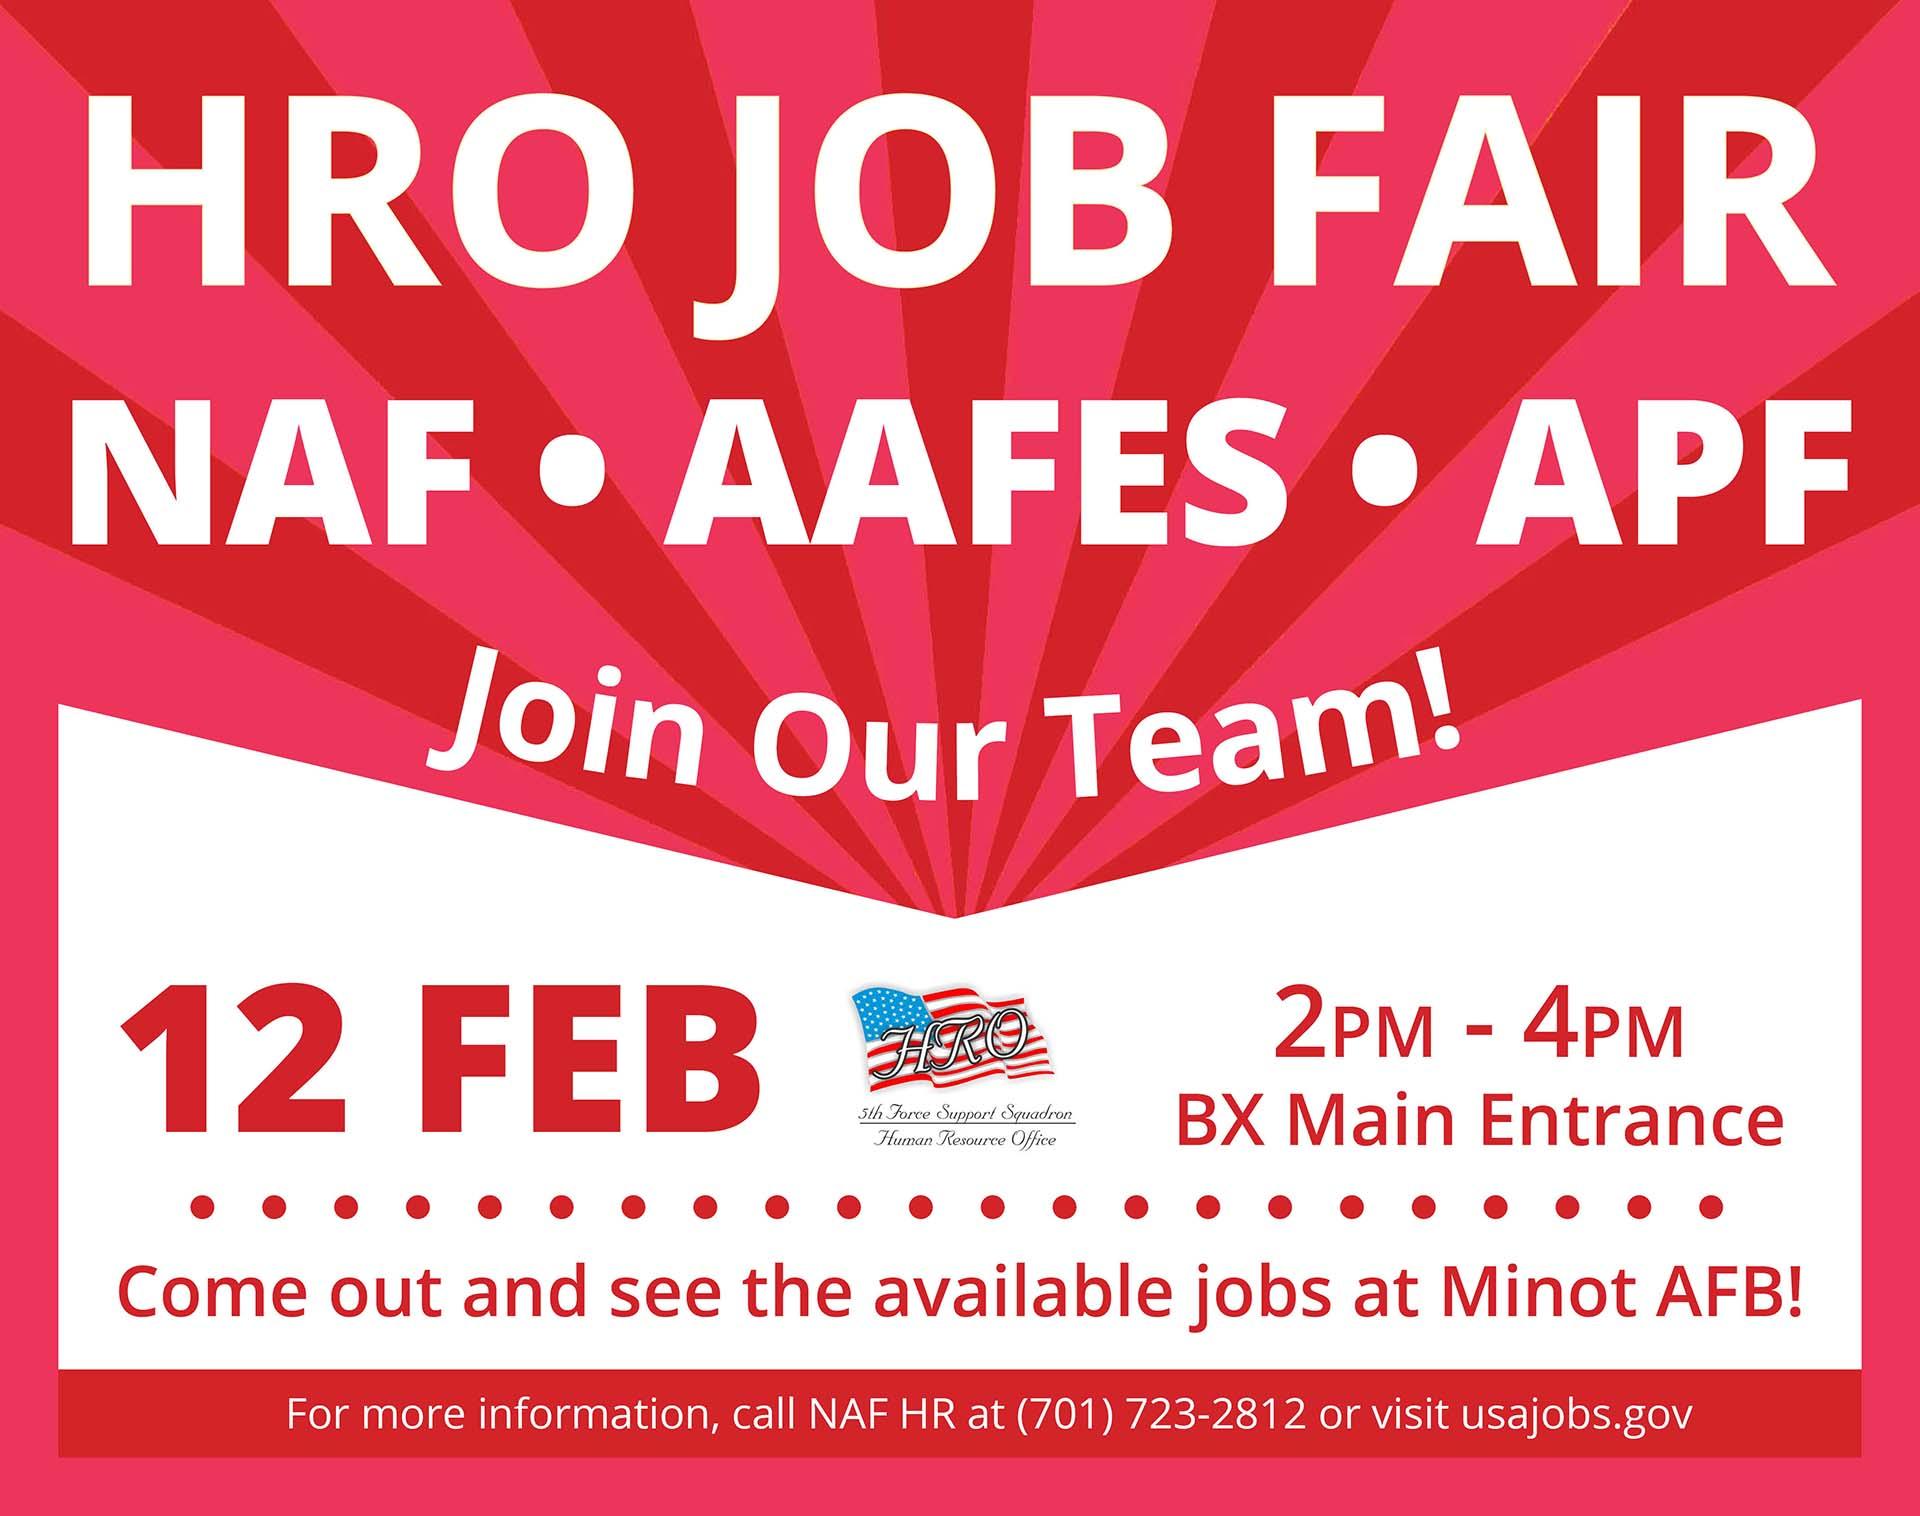 NAF HRO Job Fair